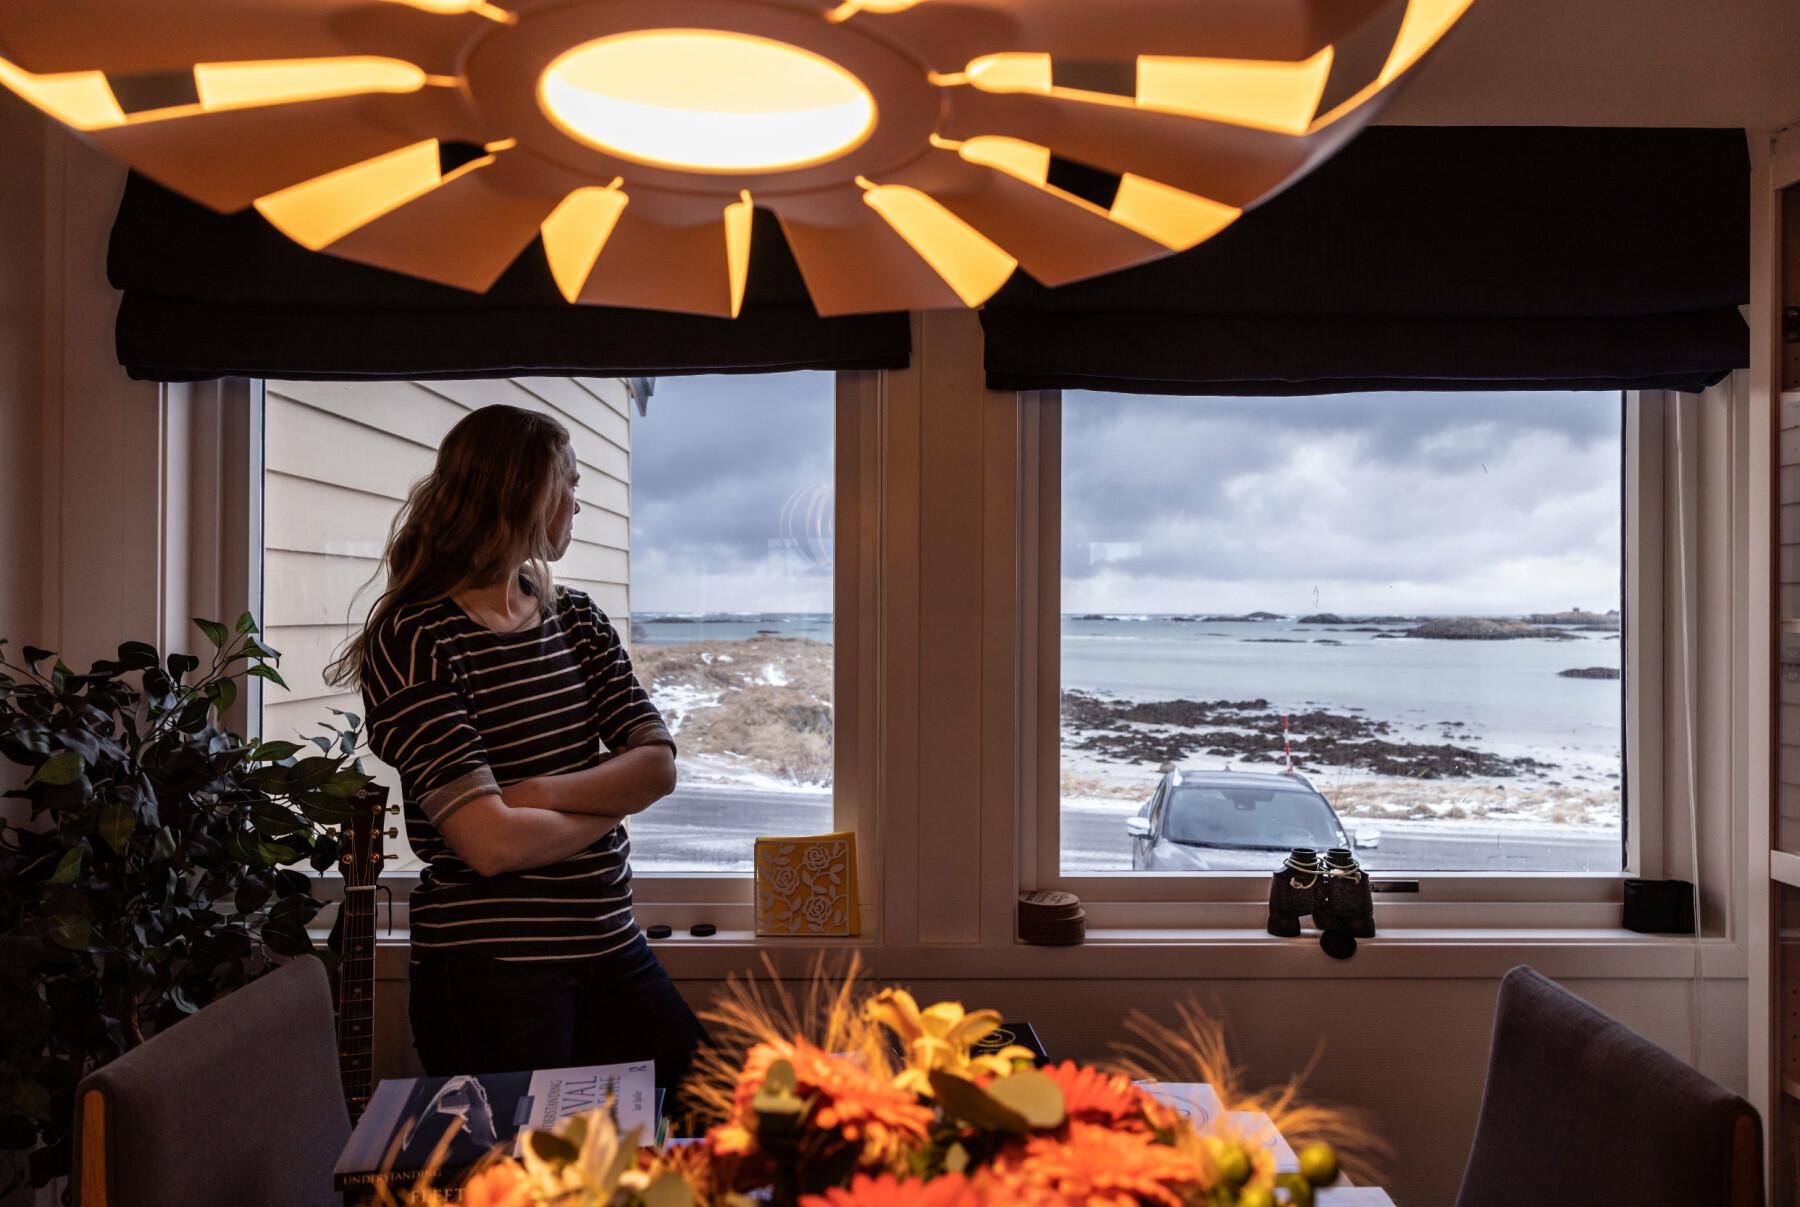 Kristin bor 40 meter unna Norskehavet. I vinduet står kikkerten klar.